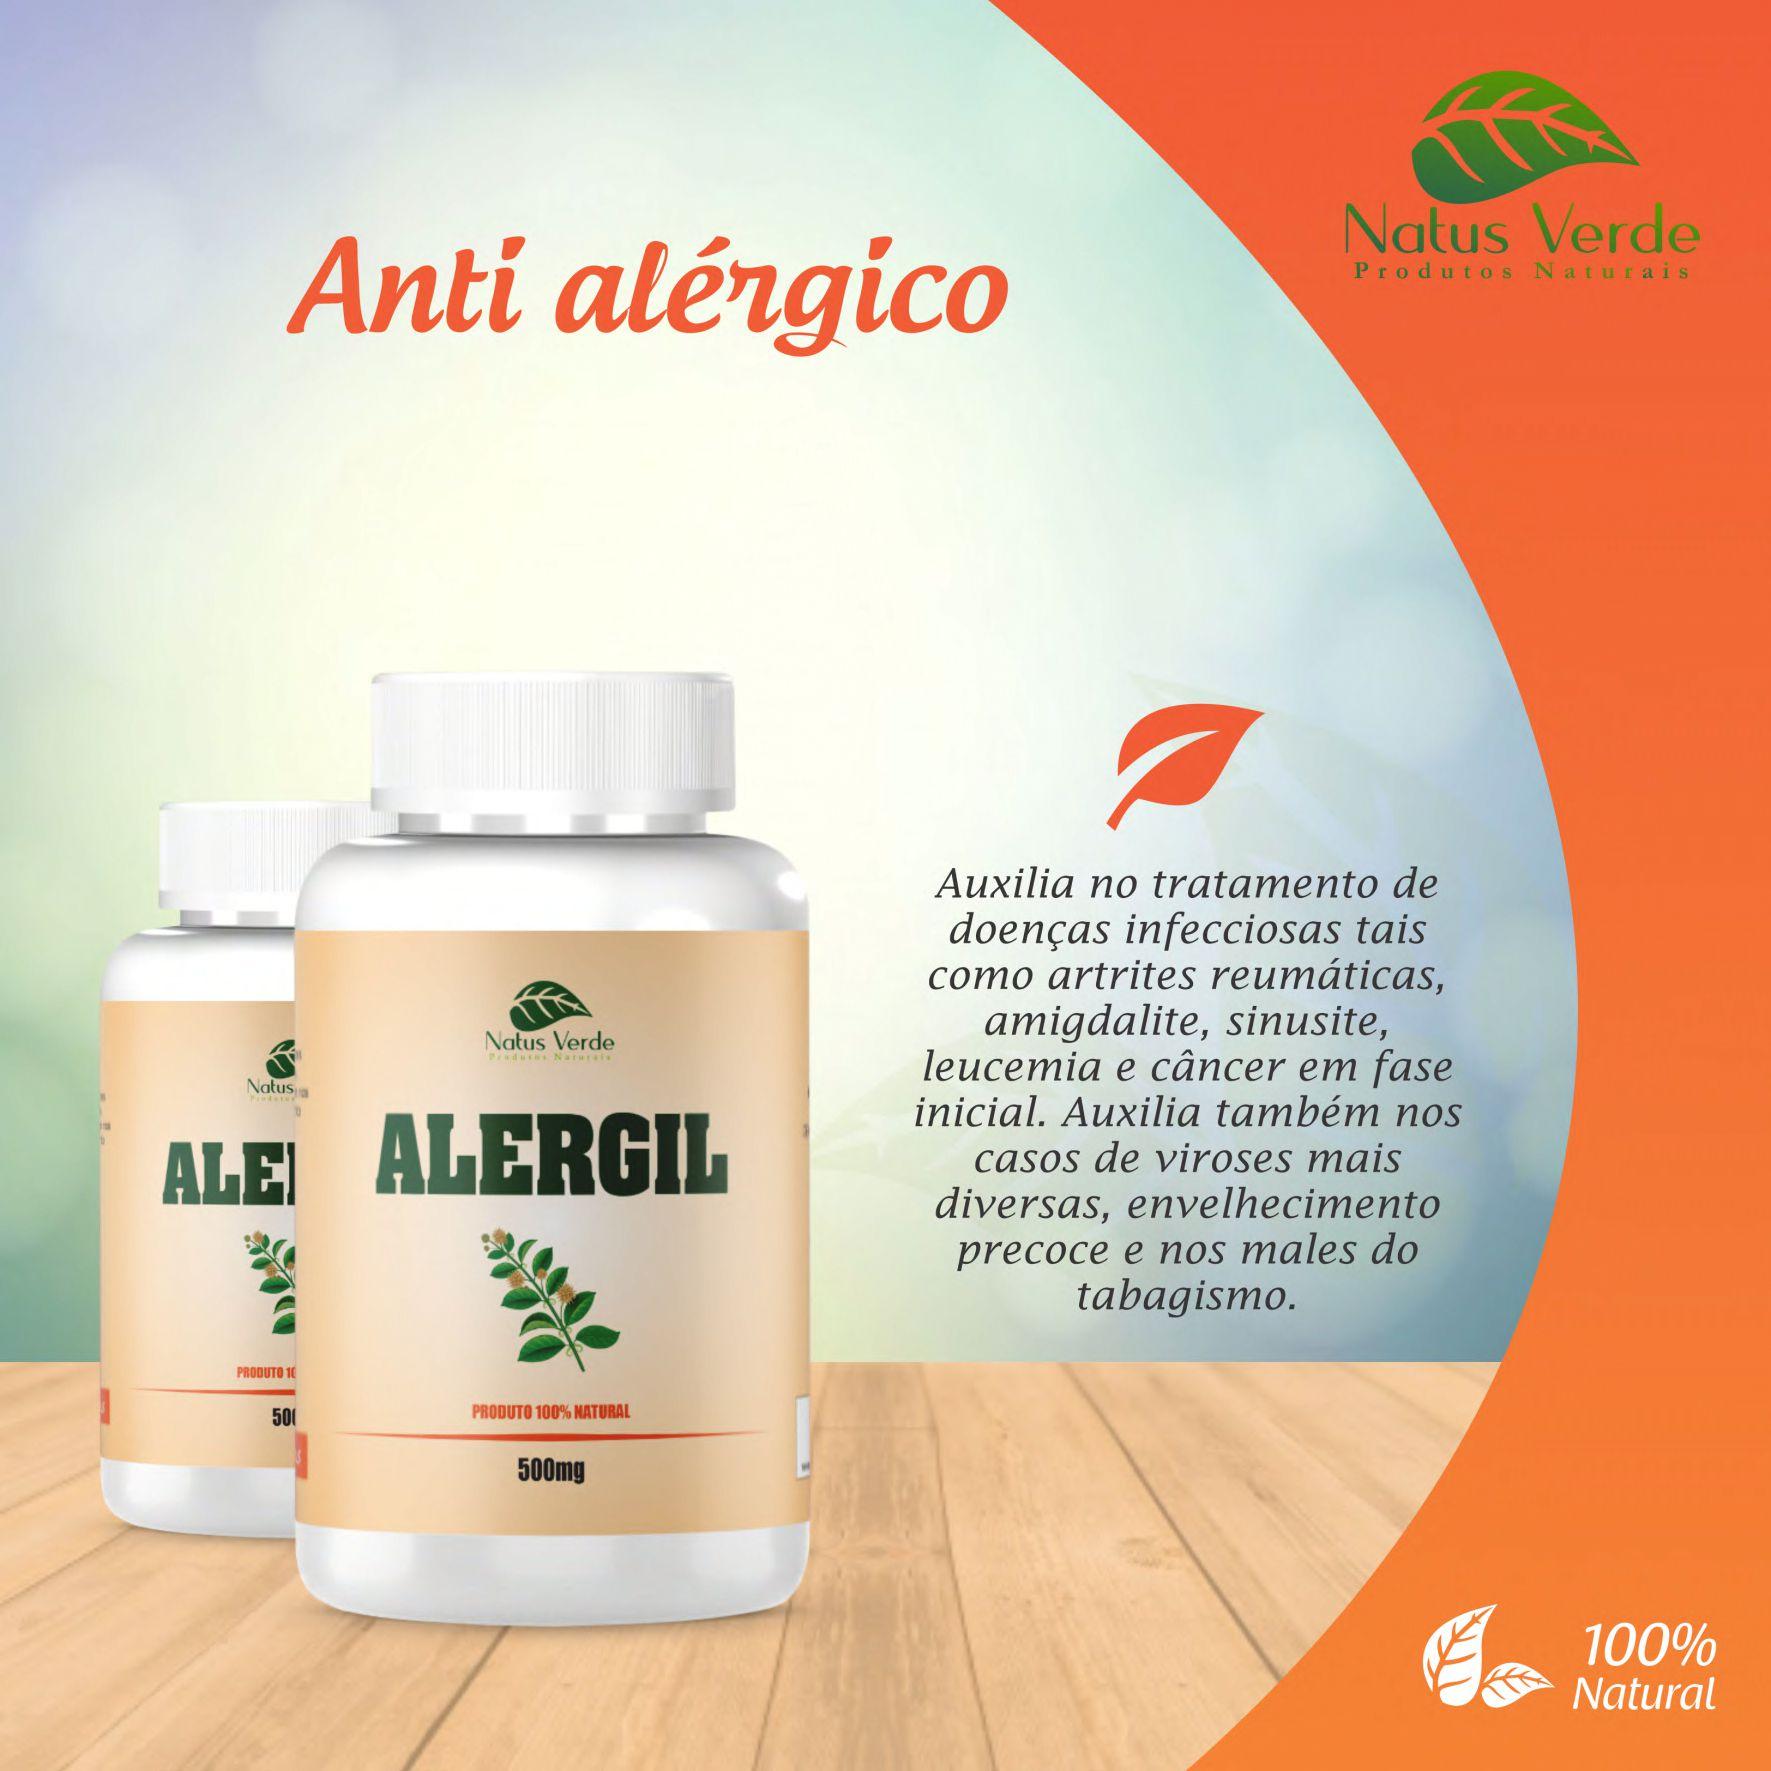 Antialérgico Natural Alergil 60 Caps. Natus Verde  - Fribasex - Fabricasex.com